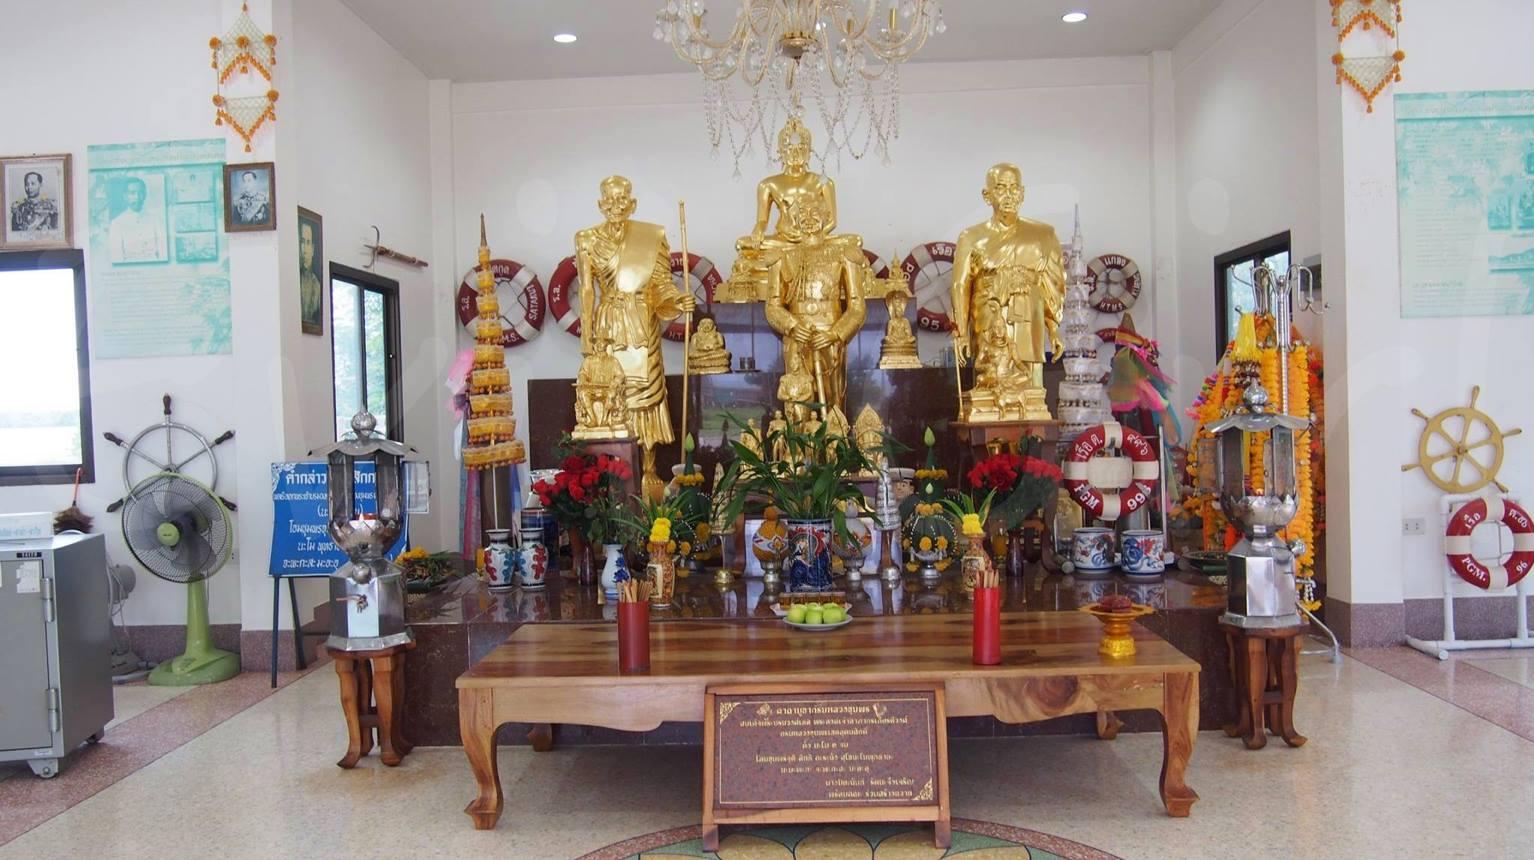 พระพุทธรูปและพระบรมรูปกรมหลวงกรมหลวงชุมพรเขตอุดมศักดิ์งามอร่าม